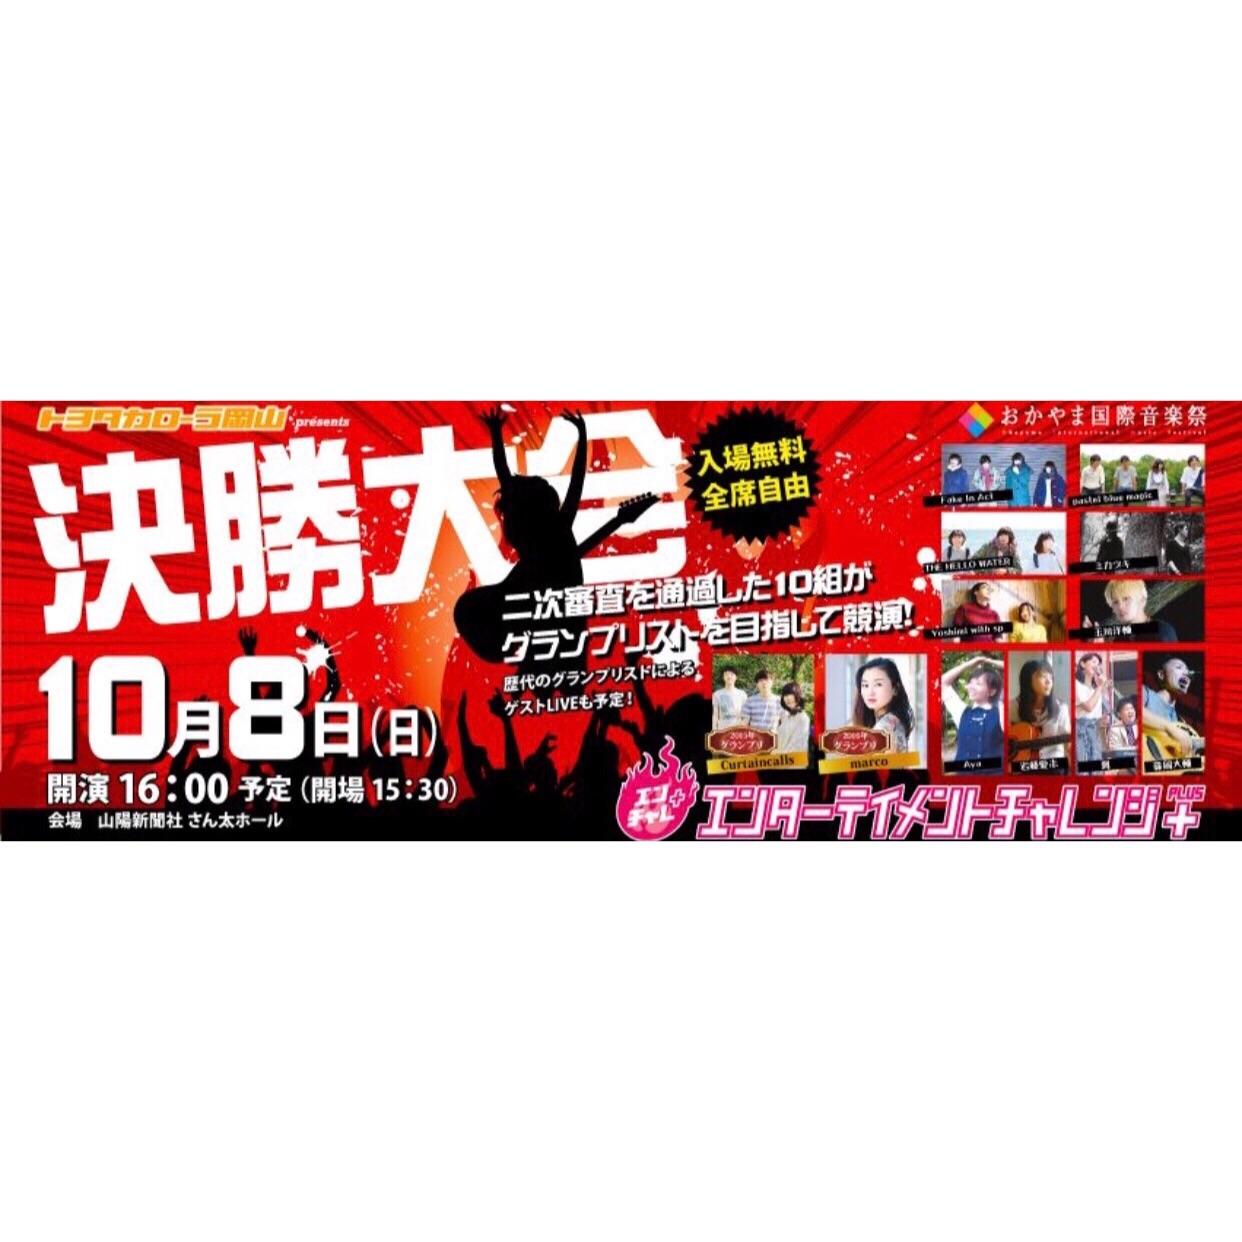 f:id:Yosuke0912:20171005220016j:image